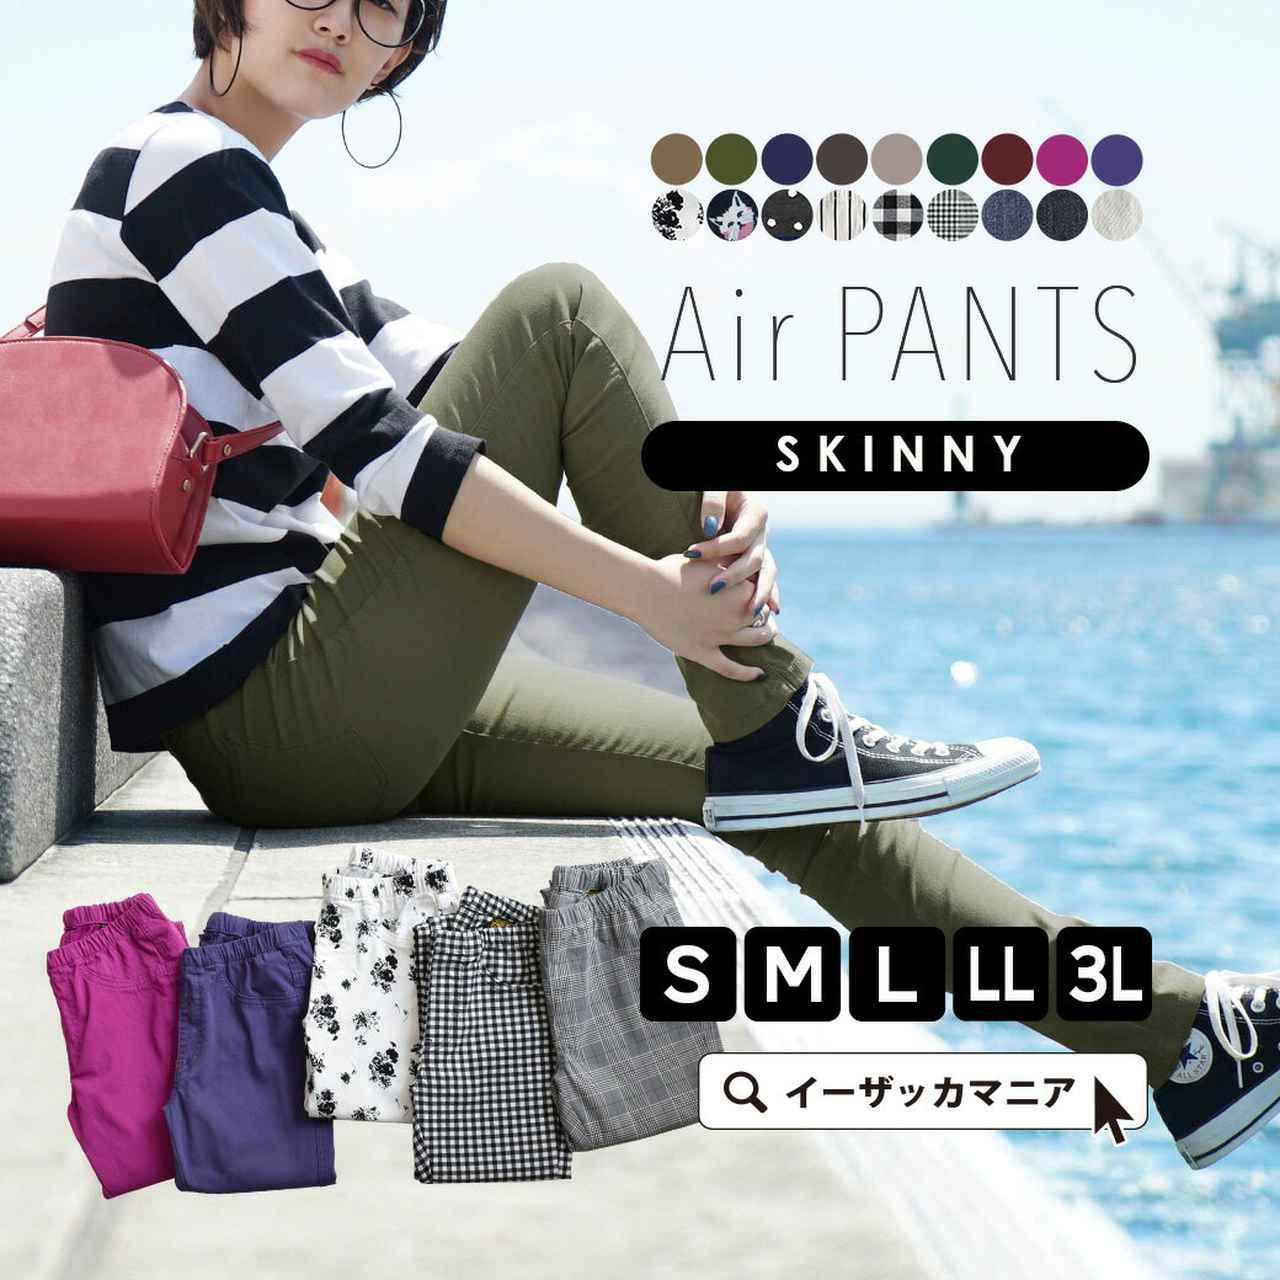 画像2: バーベキュー持ち物リストと最適な服装をご紹介! これをおさえれば全力で楽しめる!